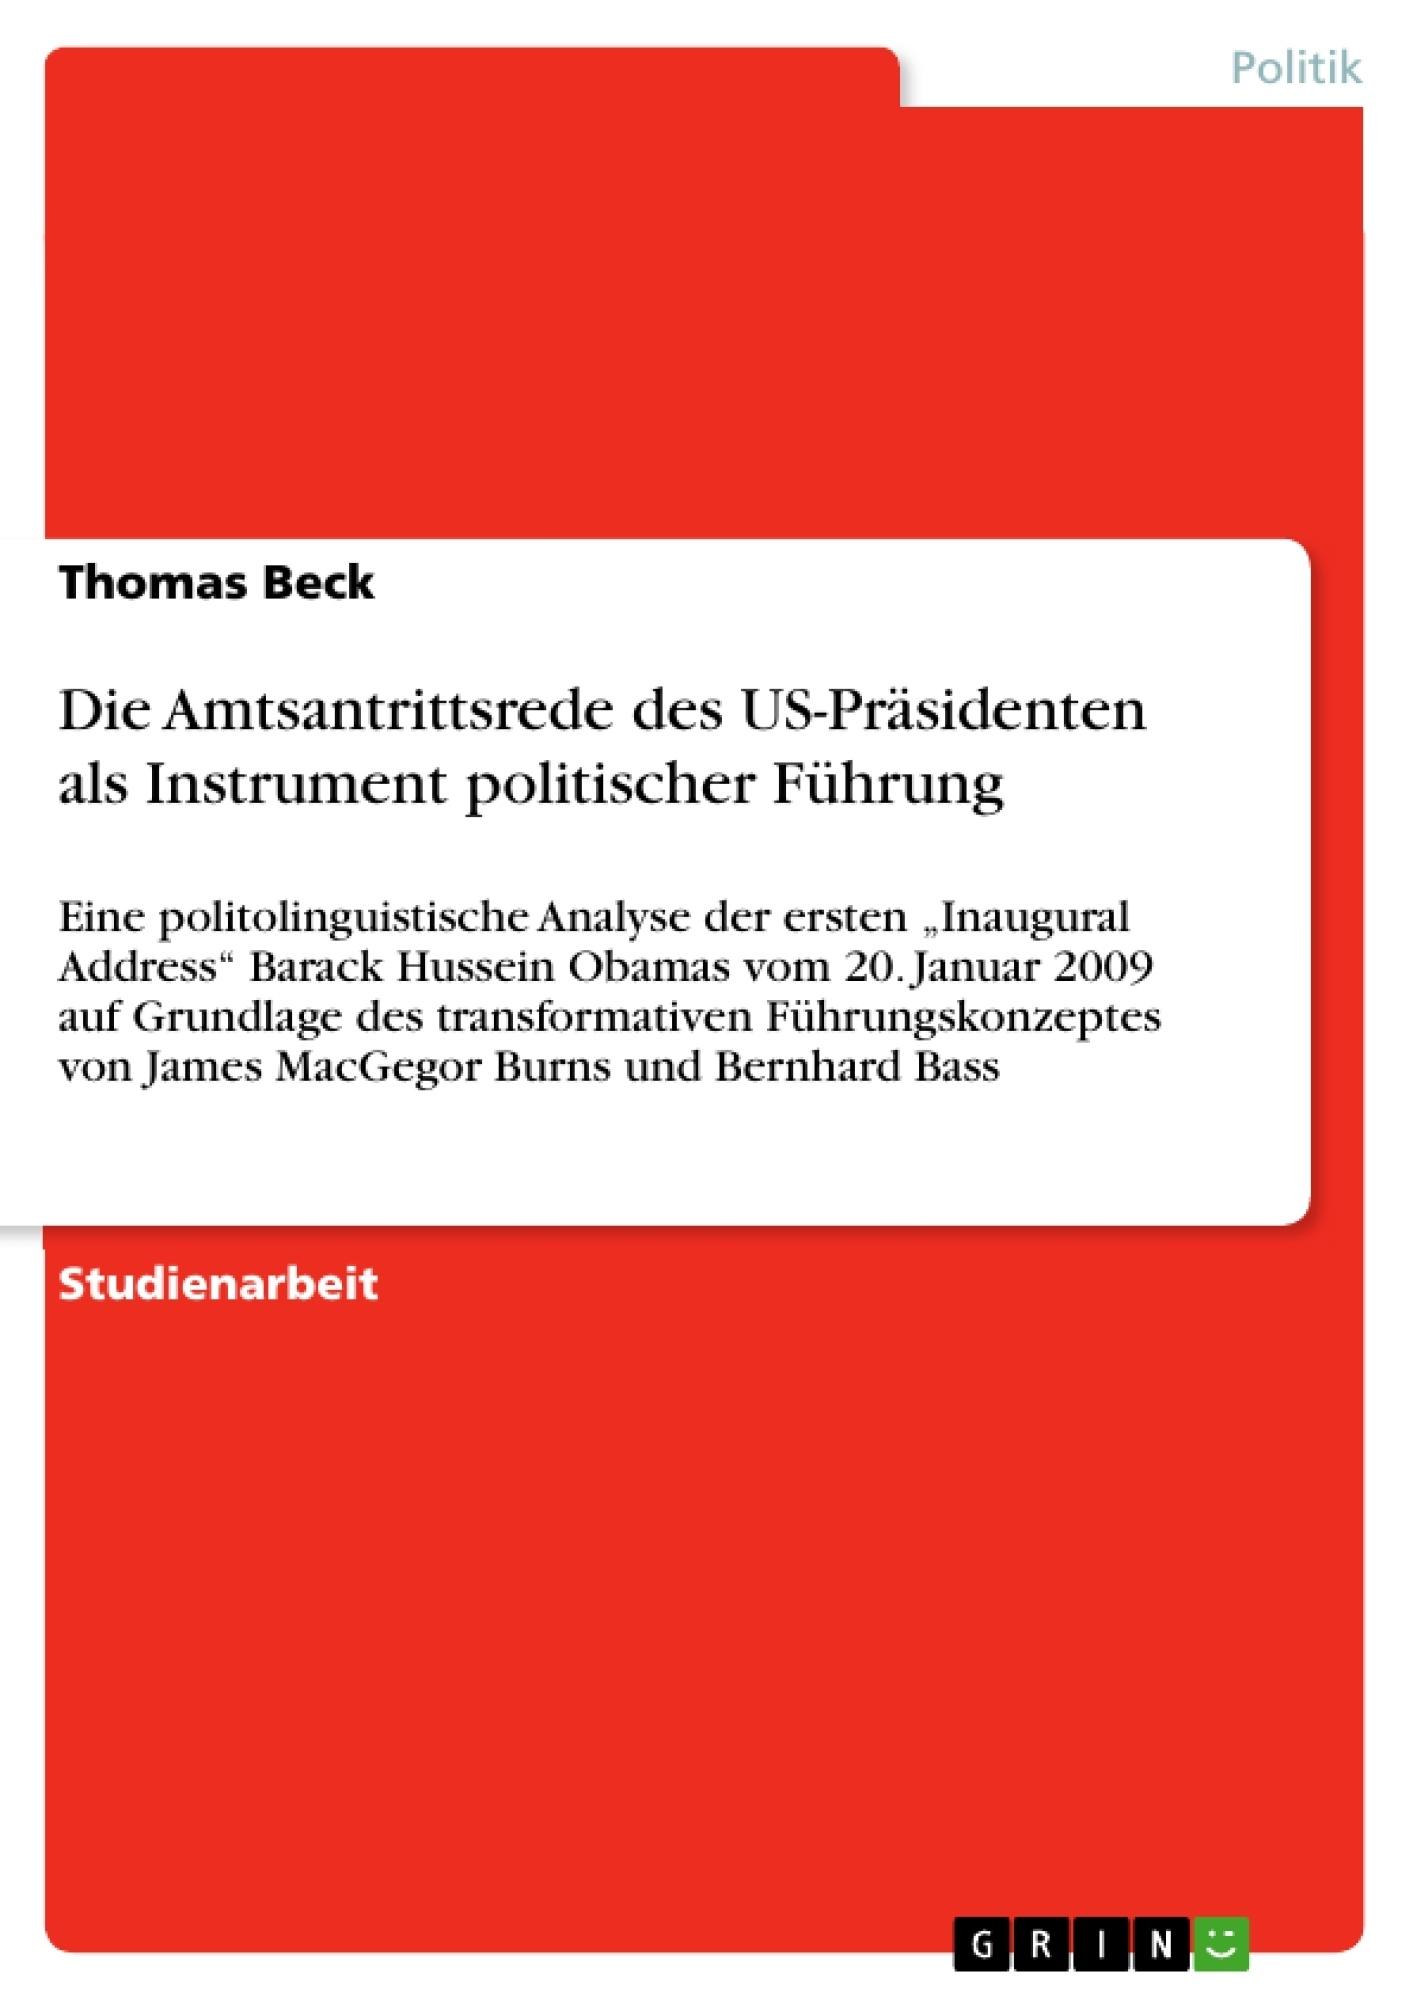 Titel: Die Amtsantrittsrede des US-Präsidenten als Instrument politischer Führung